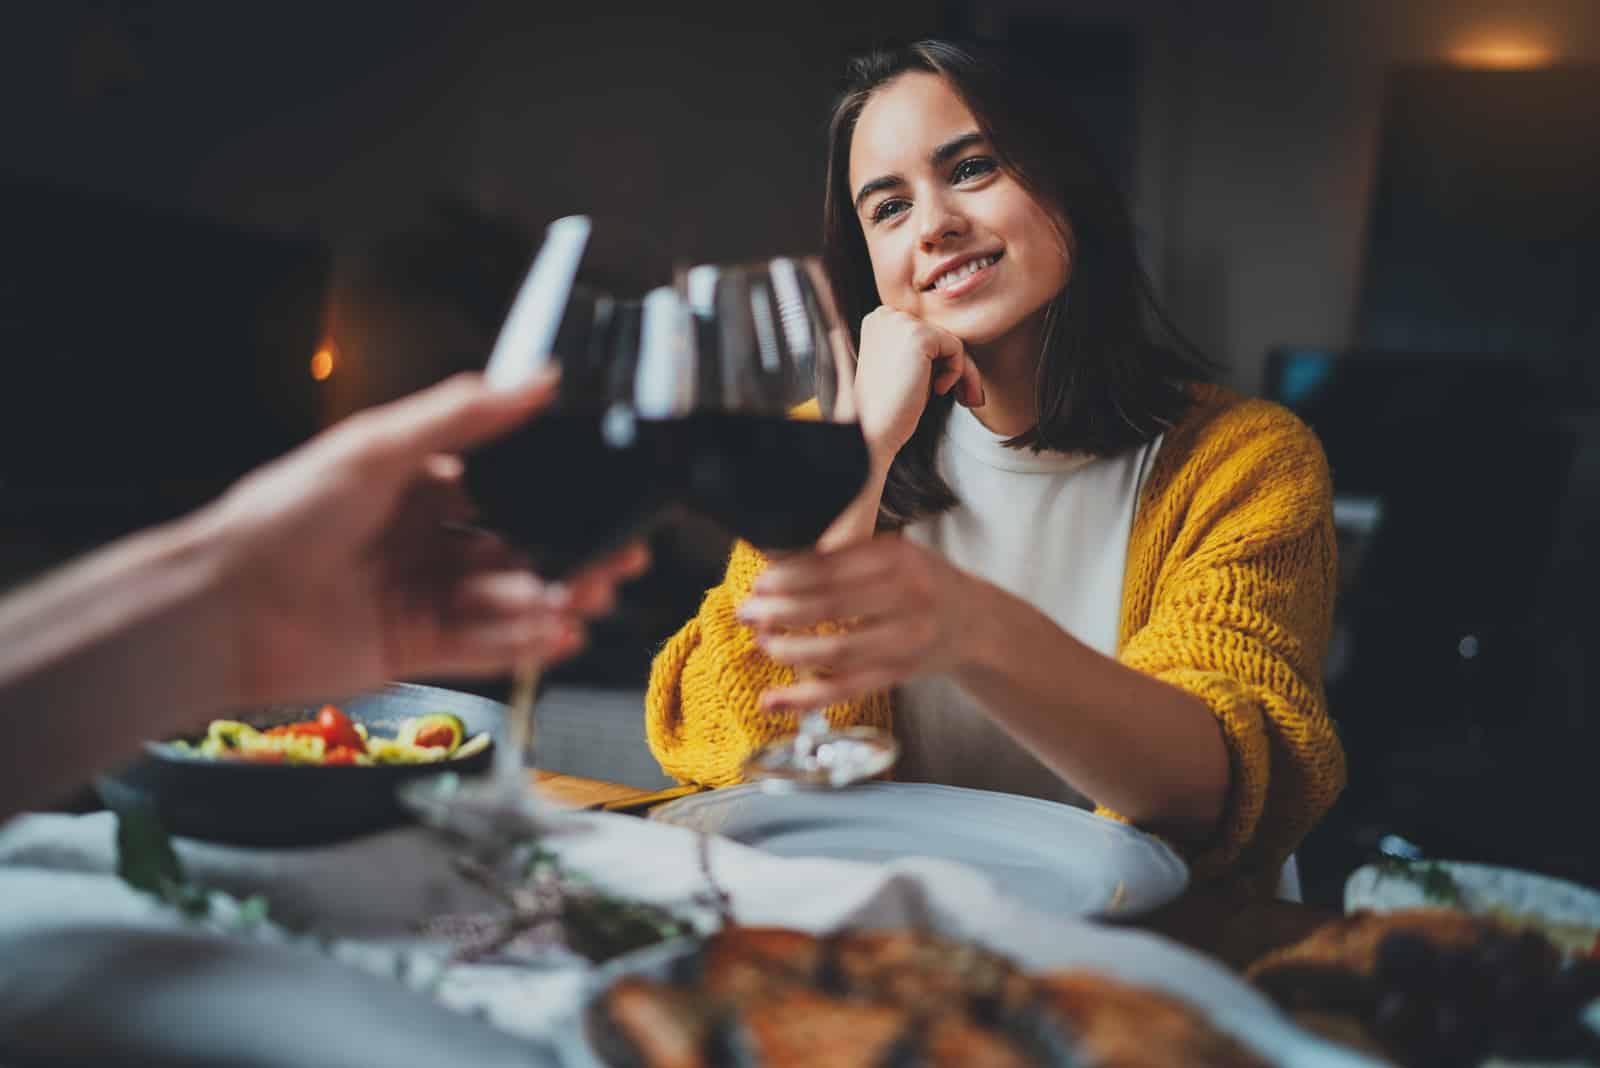 Couple romantique datant la nuit au restaurant